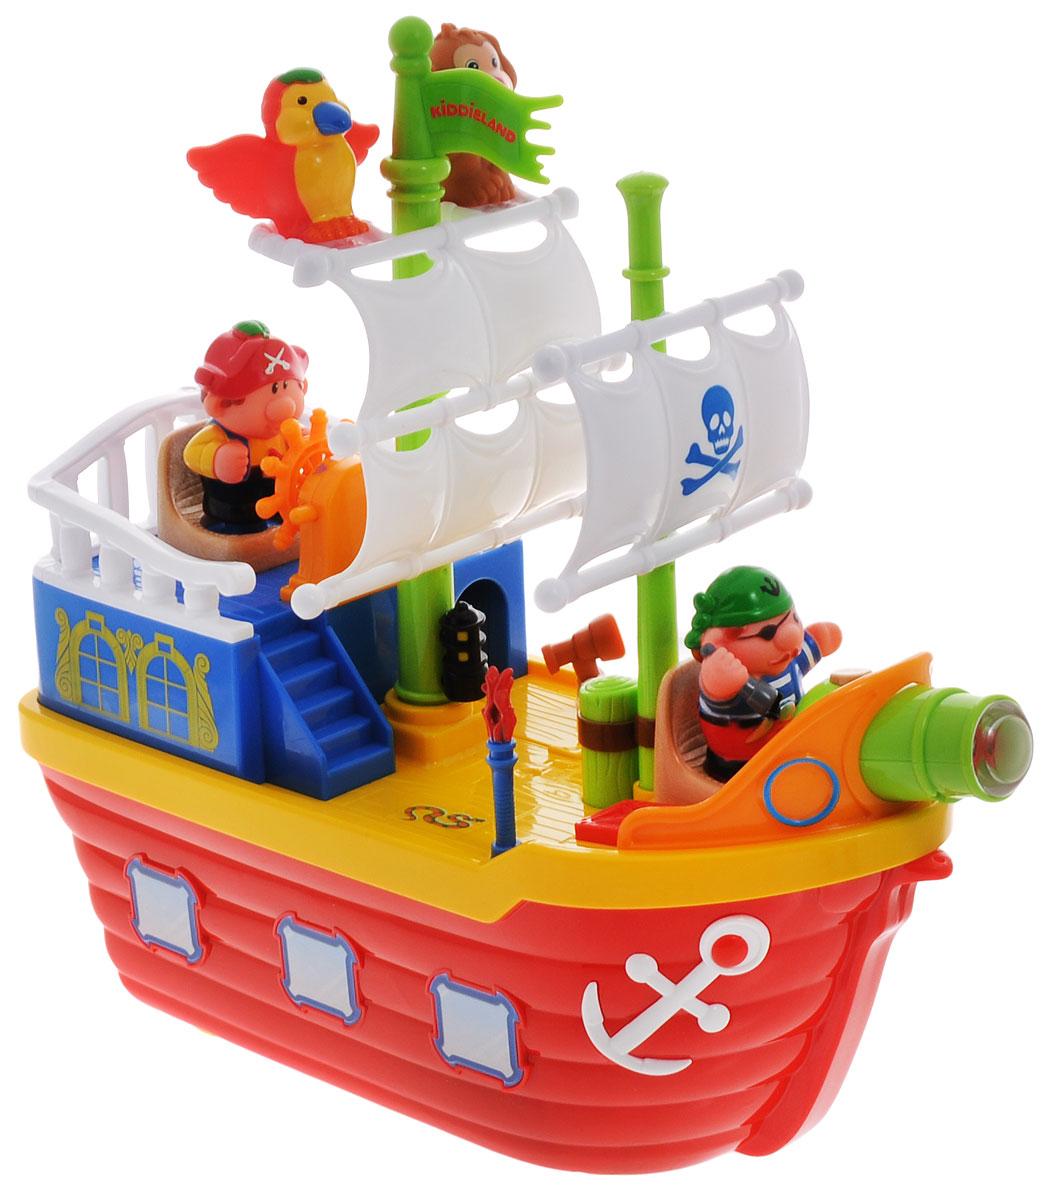 Kiddieland Развивающая игрушка Пиратский корабльKID 038075Яркая развивающая игрушка Kiddieland Пиратский корабль обязательно порадует малыша приятными мелодиями, забавными звуками и мигающими огоньками. Восхитительный корабль с множеством игровых функций, светом, музыкой и съемными персонажами! Вращайте штурвал, чтобы услышать шум волн, звук колокола и приятные мелодии, или нажмите на кнопку на пушке, чтобы услышать звук выстрела. Корабль раскрывается на две части, представляя взору ребенка внутреннее содержимое. Внутри корабля спальный отсек, кладовка с продуктами, и, конечно же, пиратские сокровища! На корабле можно установить специальные фигурки - двух пиратов, обезьянку и попугая. Кроме этого, на палубе живет мышка, установлены факелы, подвижная подзорная труба и две звуковые кнопки в виде люка и каната. Игрушка оборудована колесиками для катания! На носу корабля предусмотрена дырочка, за которую можно будет привязать веревочку и катать игрушку по полу. Игрушка способствует развитию мелкой моторики, слухового и...